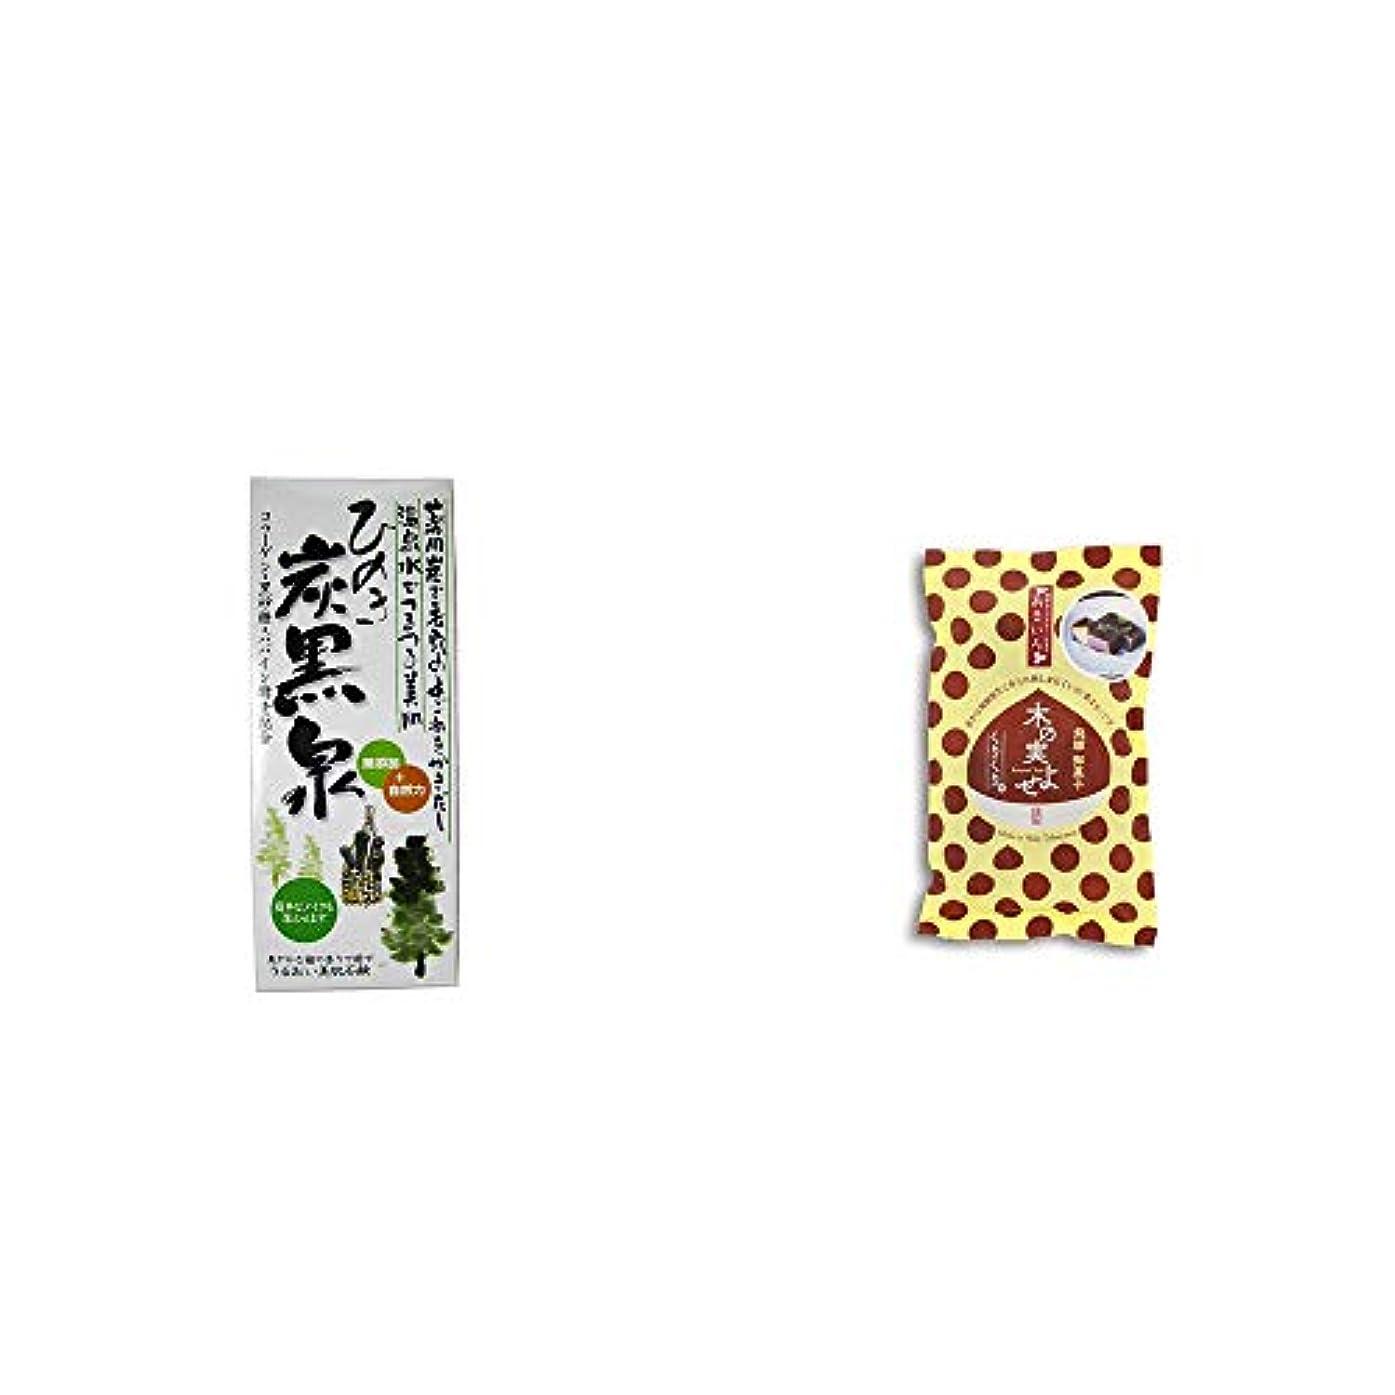 決定廊下ブロックする[2点セット] ひのき炭黒泉 箱入り(75g×3)?木の実よせ くりくり味(5個入)